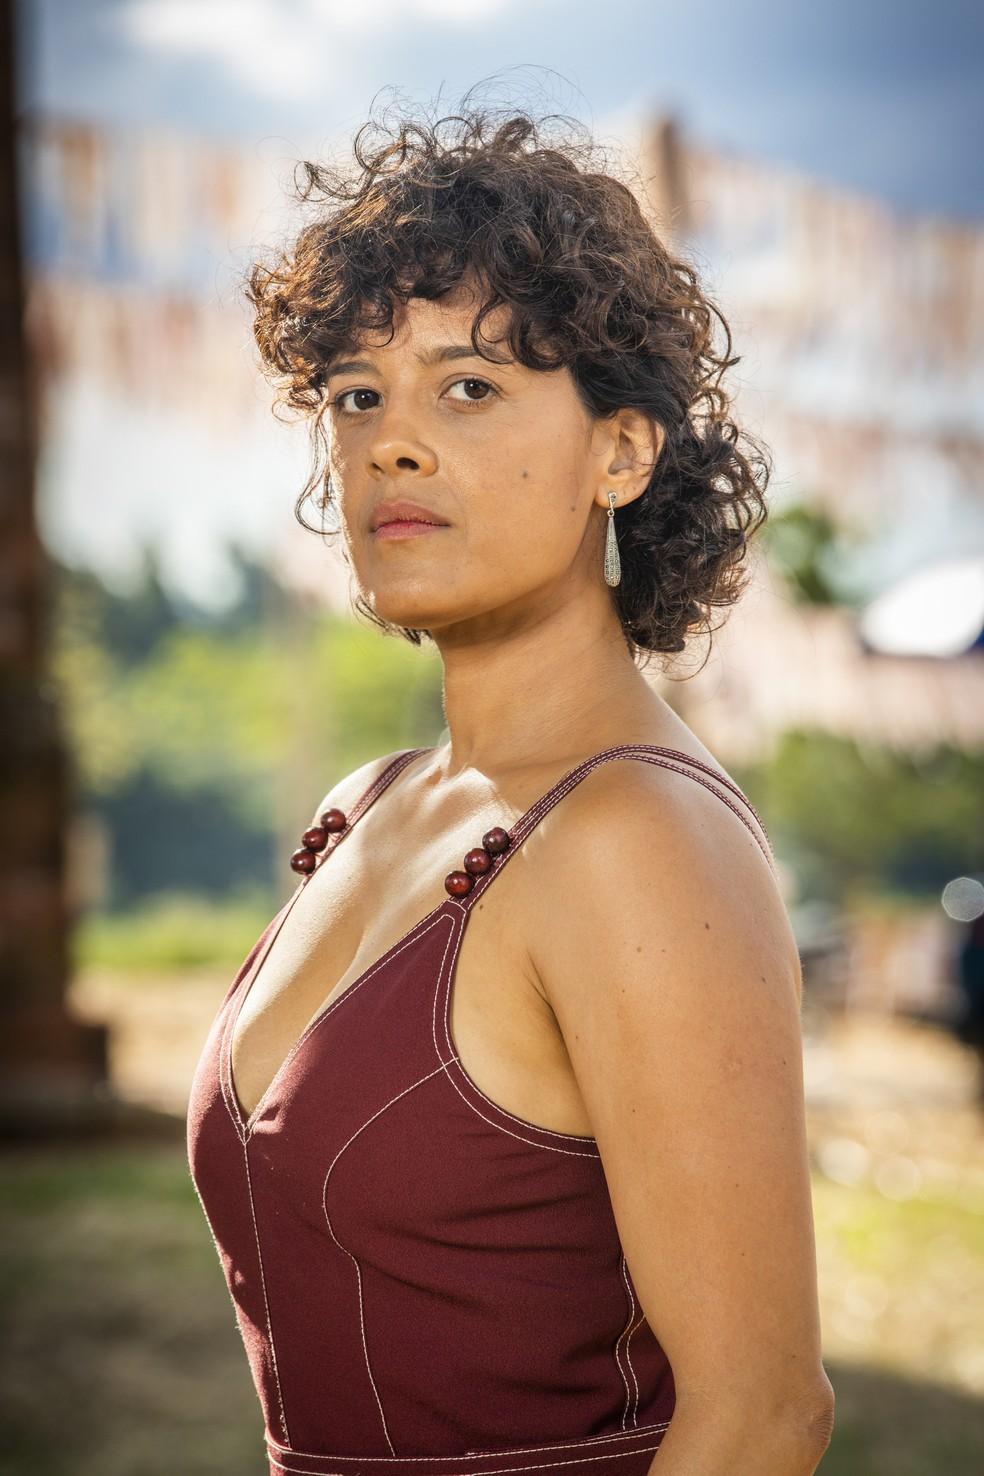 Maeve Jinkings é Zenaide Ramirez, em 'A Dona do Pedaço', irmã de Maria da Paz (Juliana Paes) — Foto: TV Globo/João Miguel Jr.